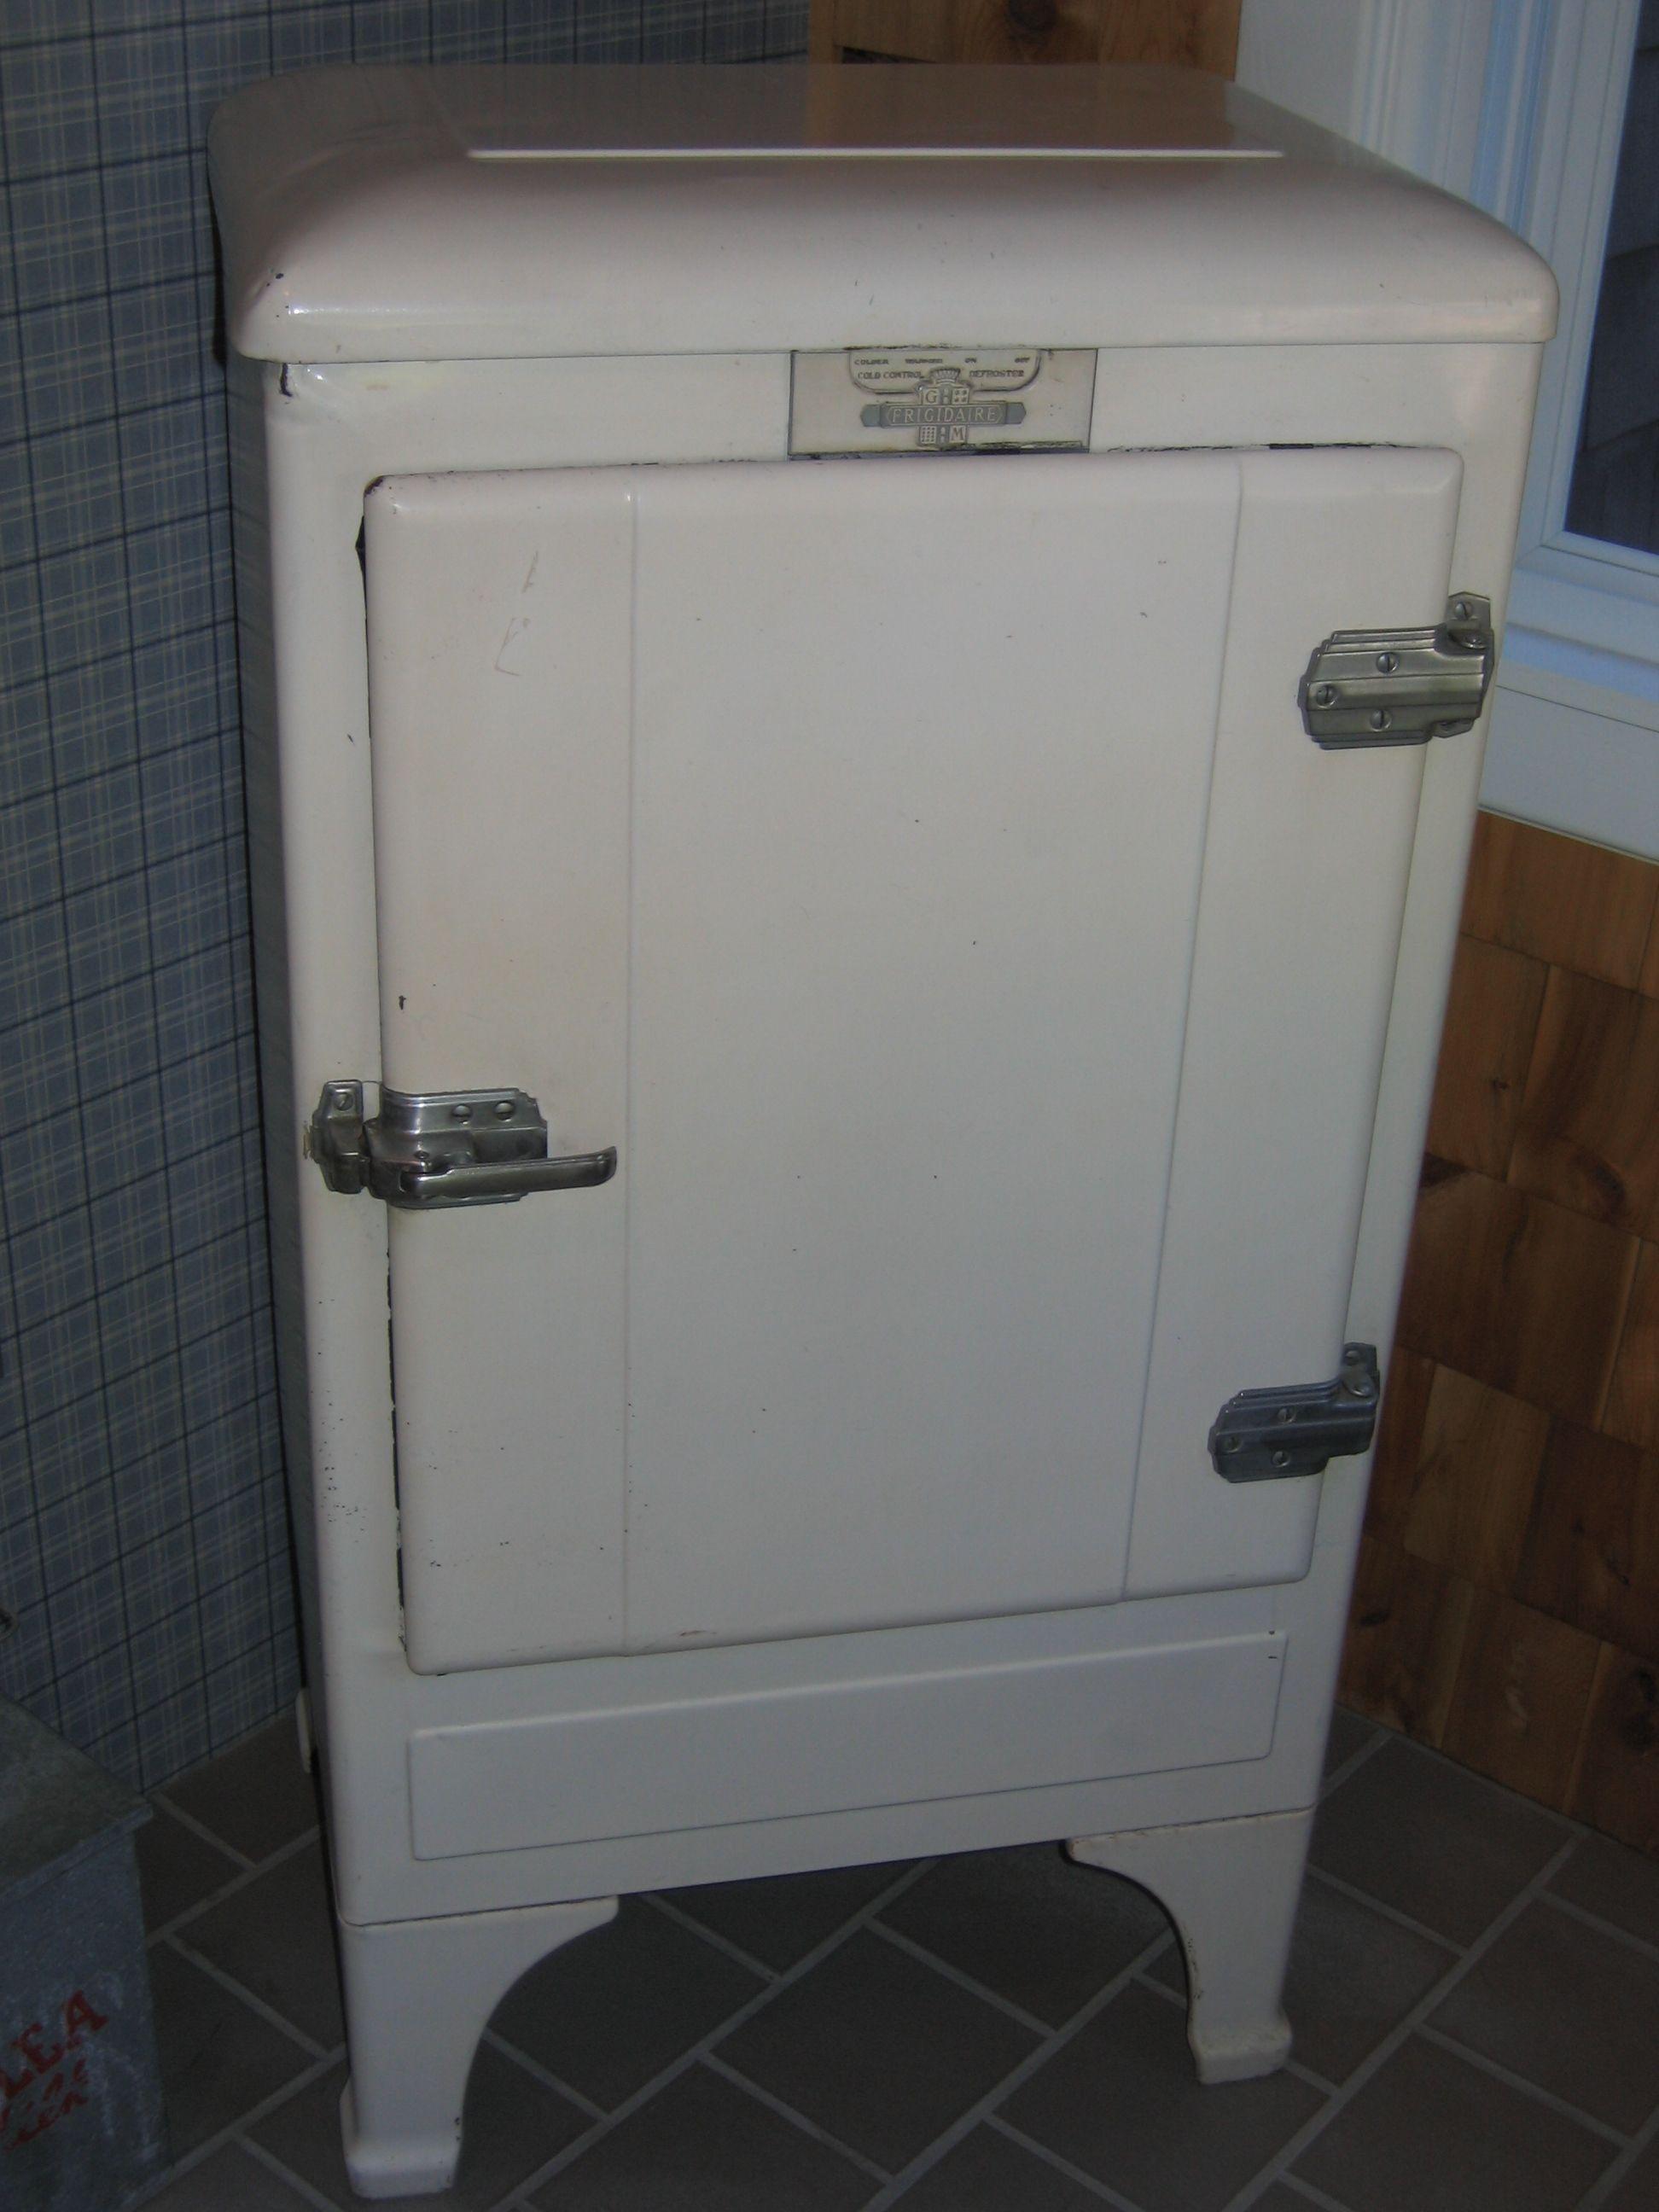 1936 Apartment Size Frigidaire Vintage Fridge Vintage Kitchen Vintage Kitchen Appliances